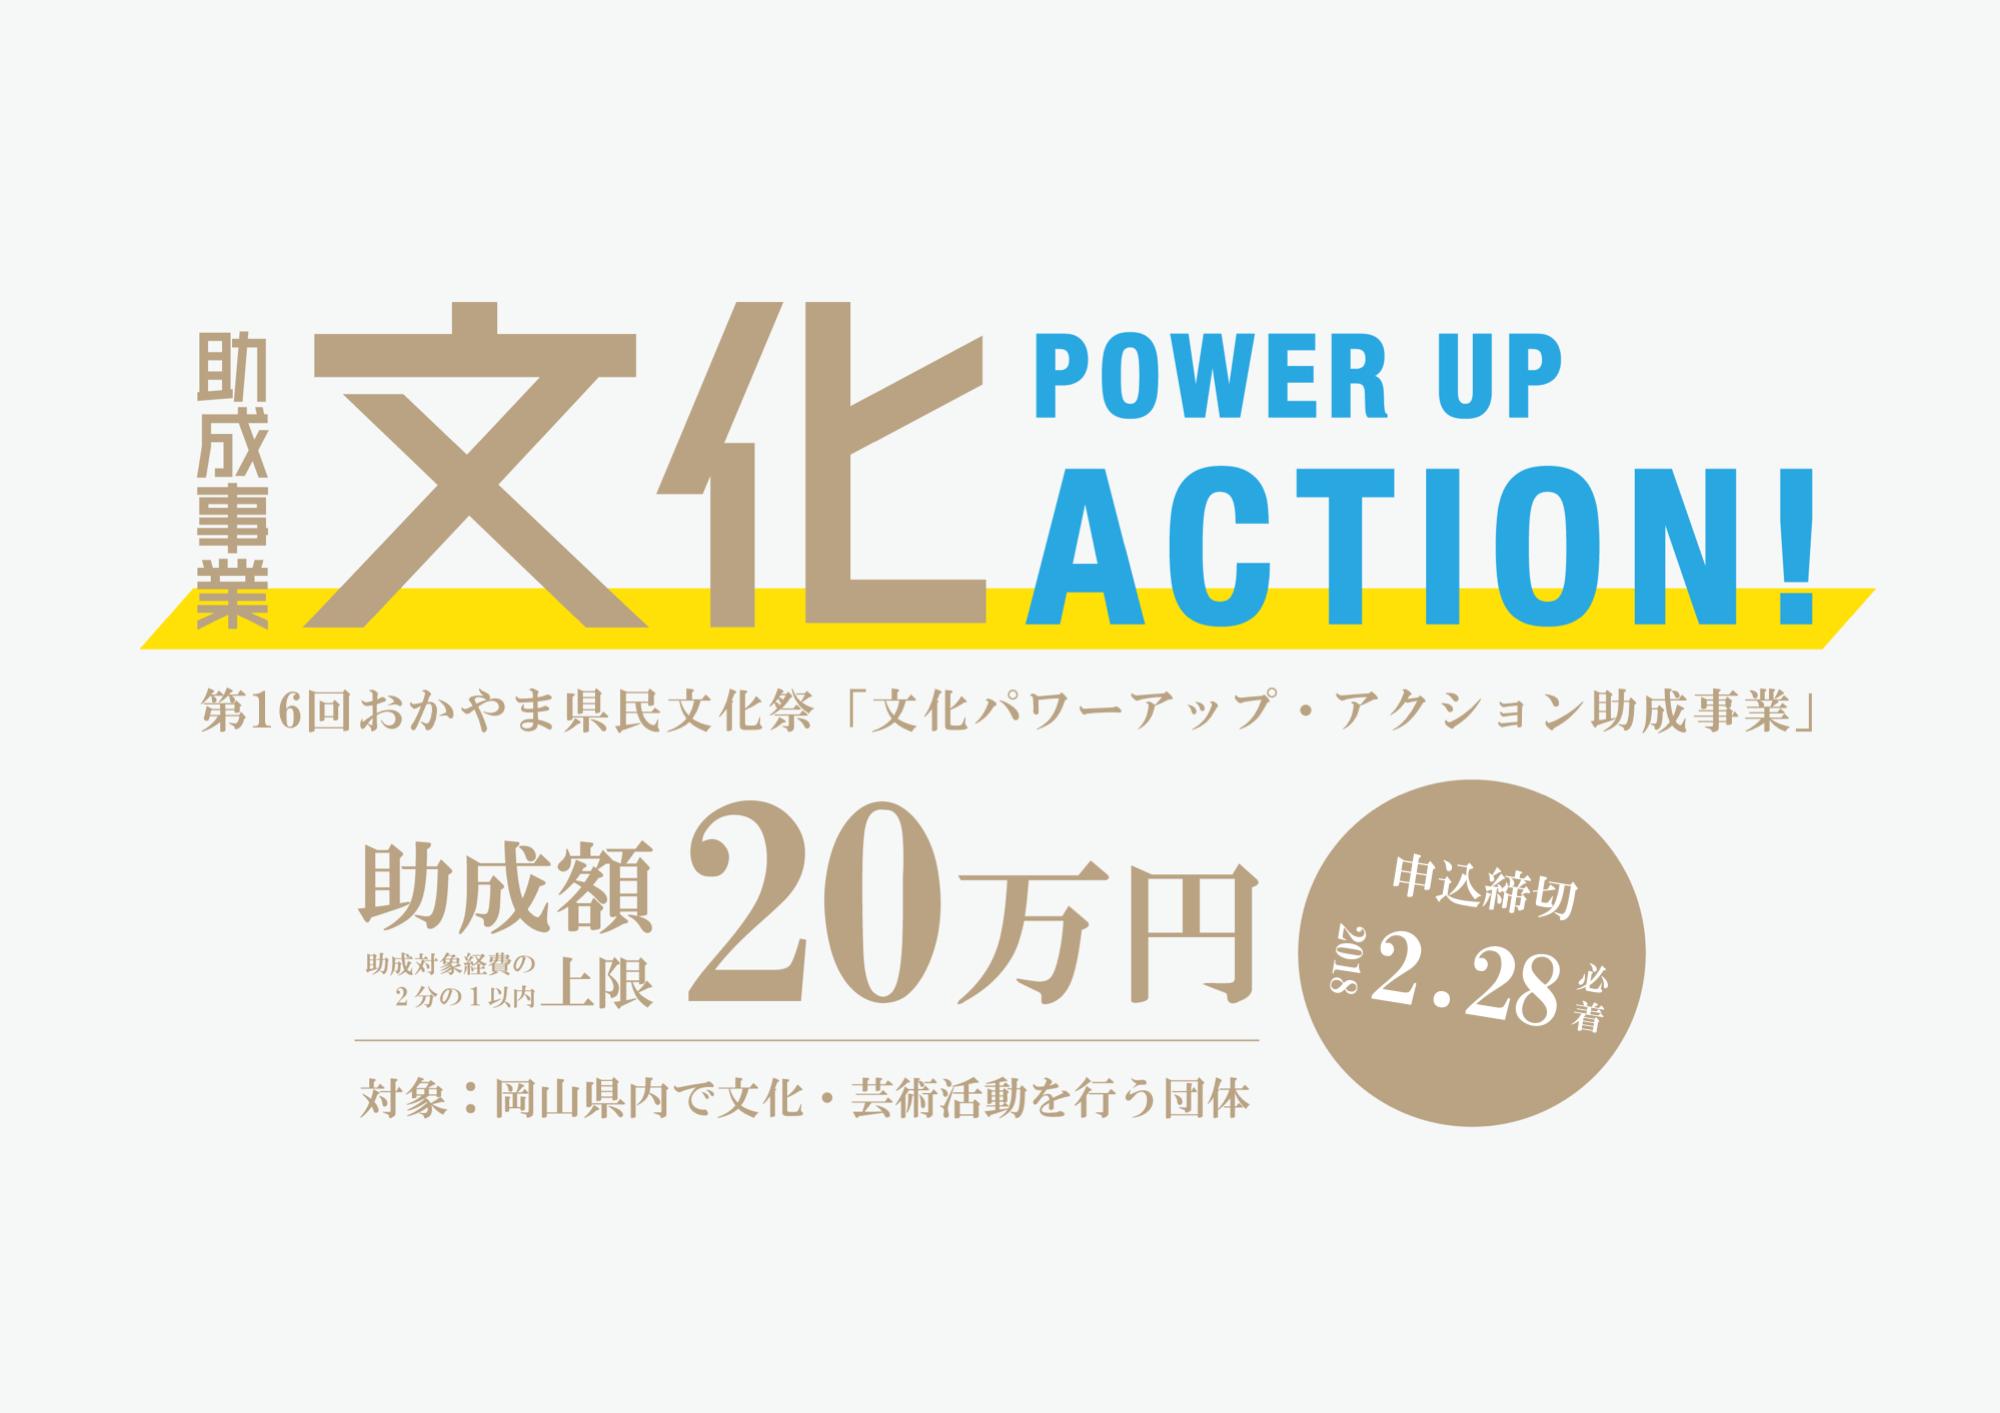 文化パワーアップ・アクション助成団体募集